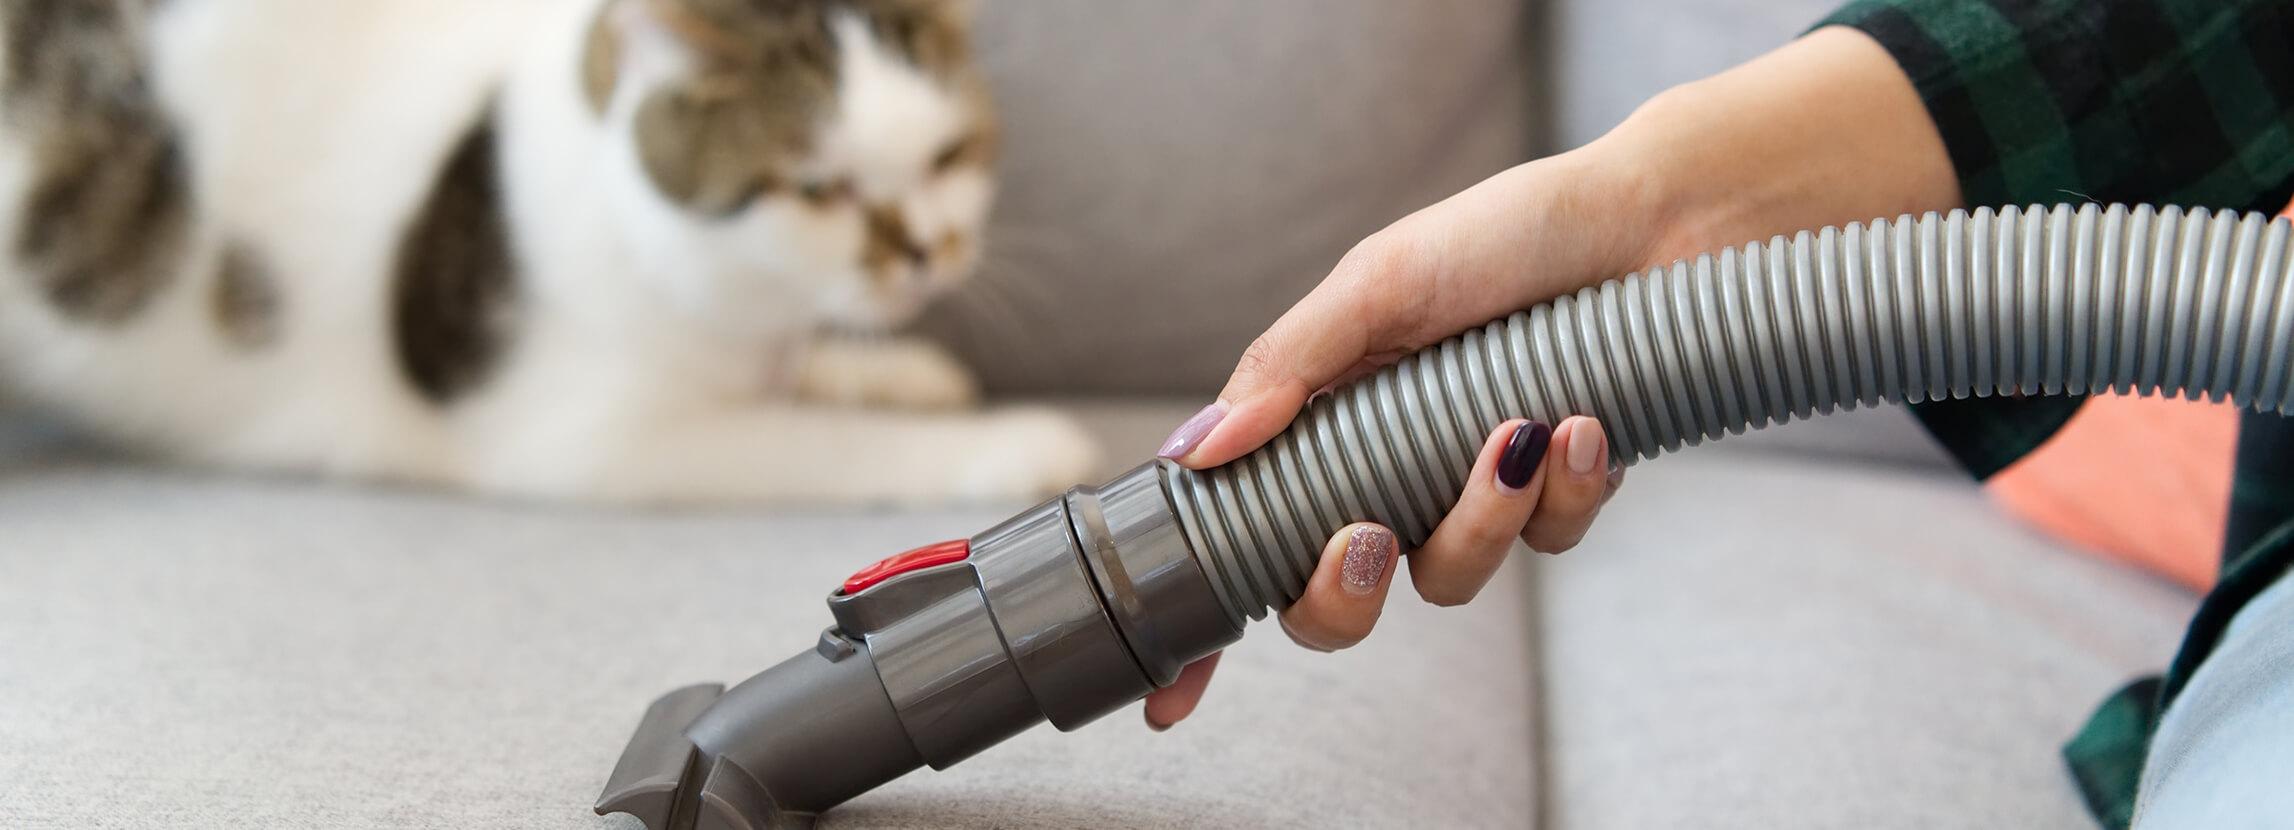 Kot w domu - jak dbać o czystość mając kota?